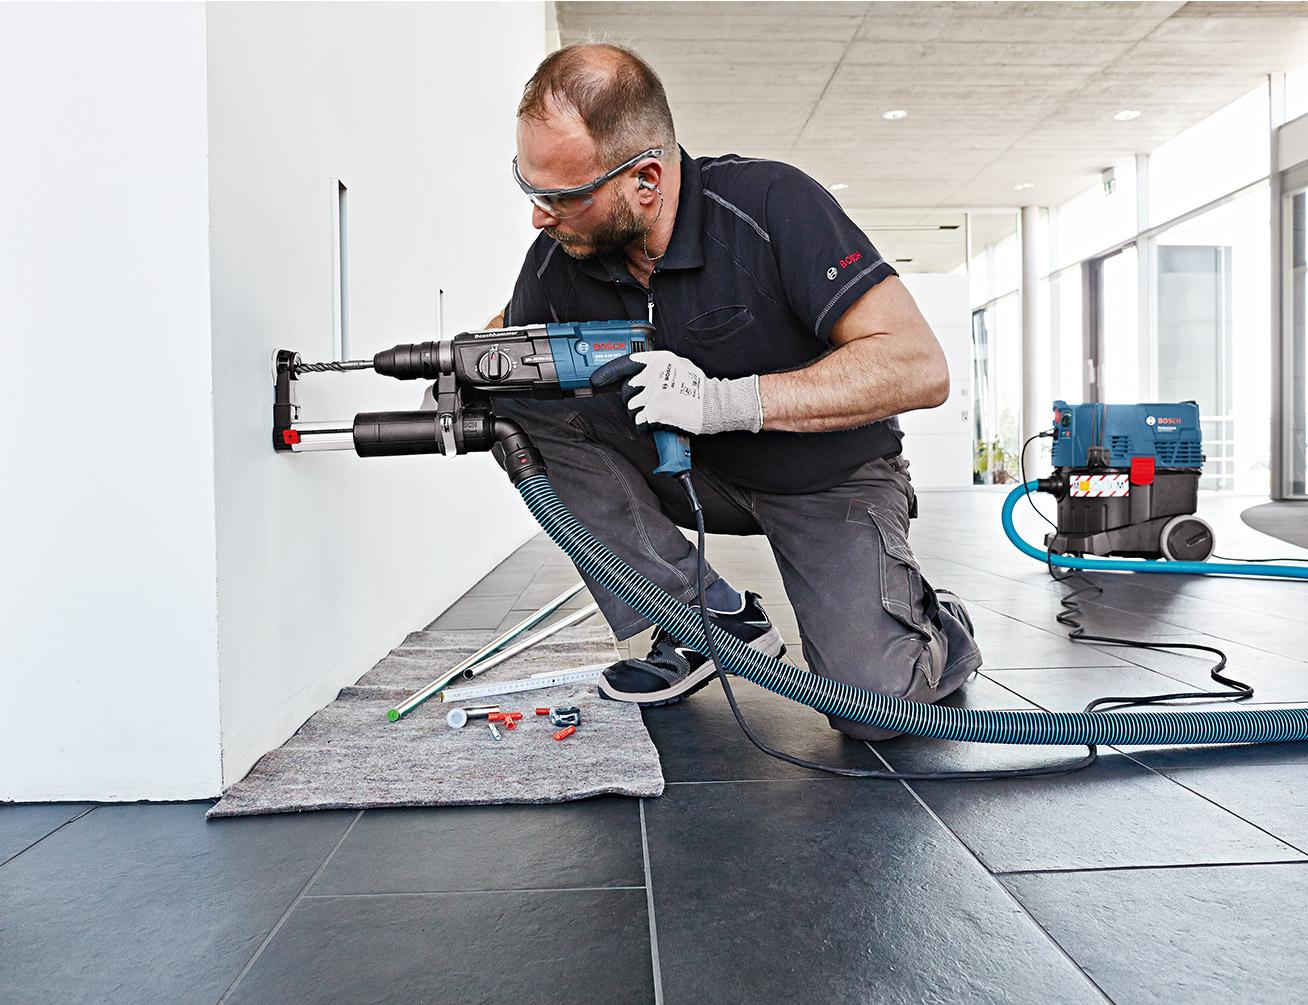 bosch bohrhammer gbh 2 28 dfv professional 0611267200 3165140574105 willers shop. Black Bedroom Furniture Sets. Home Design Ideas